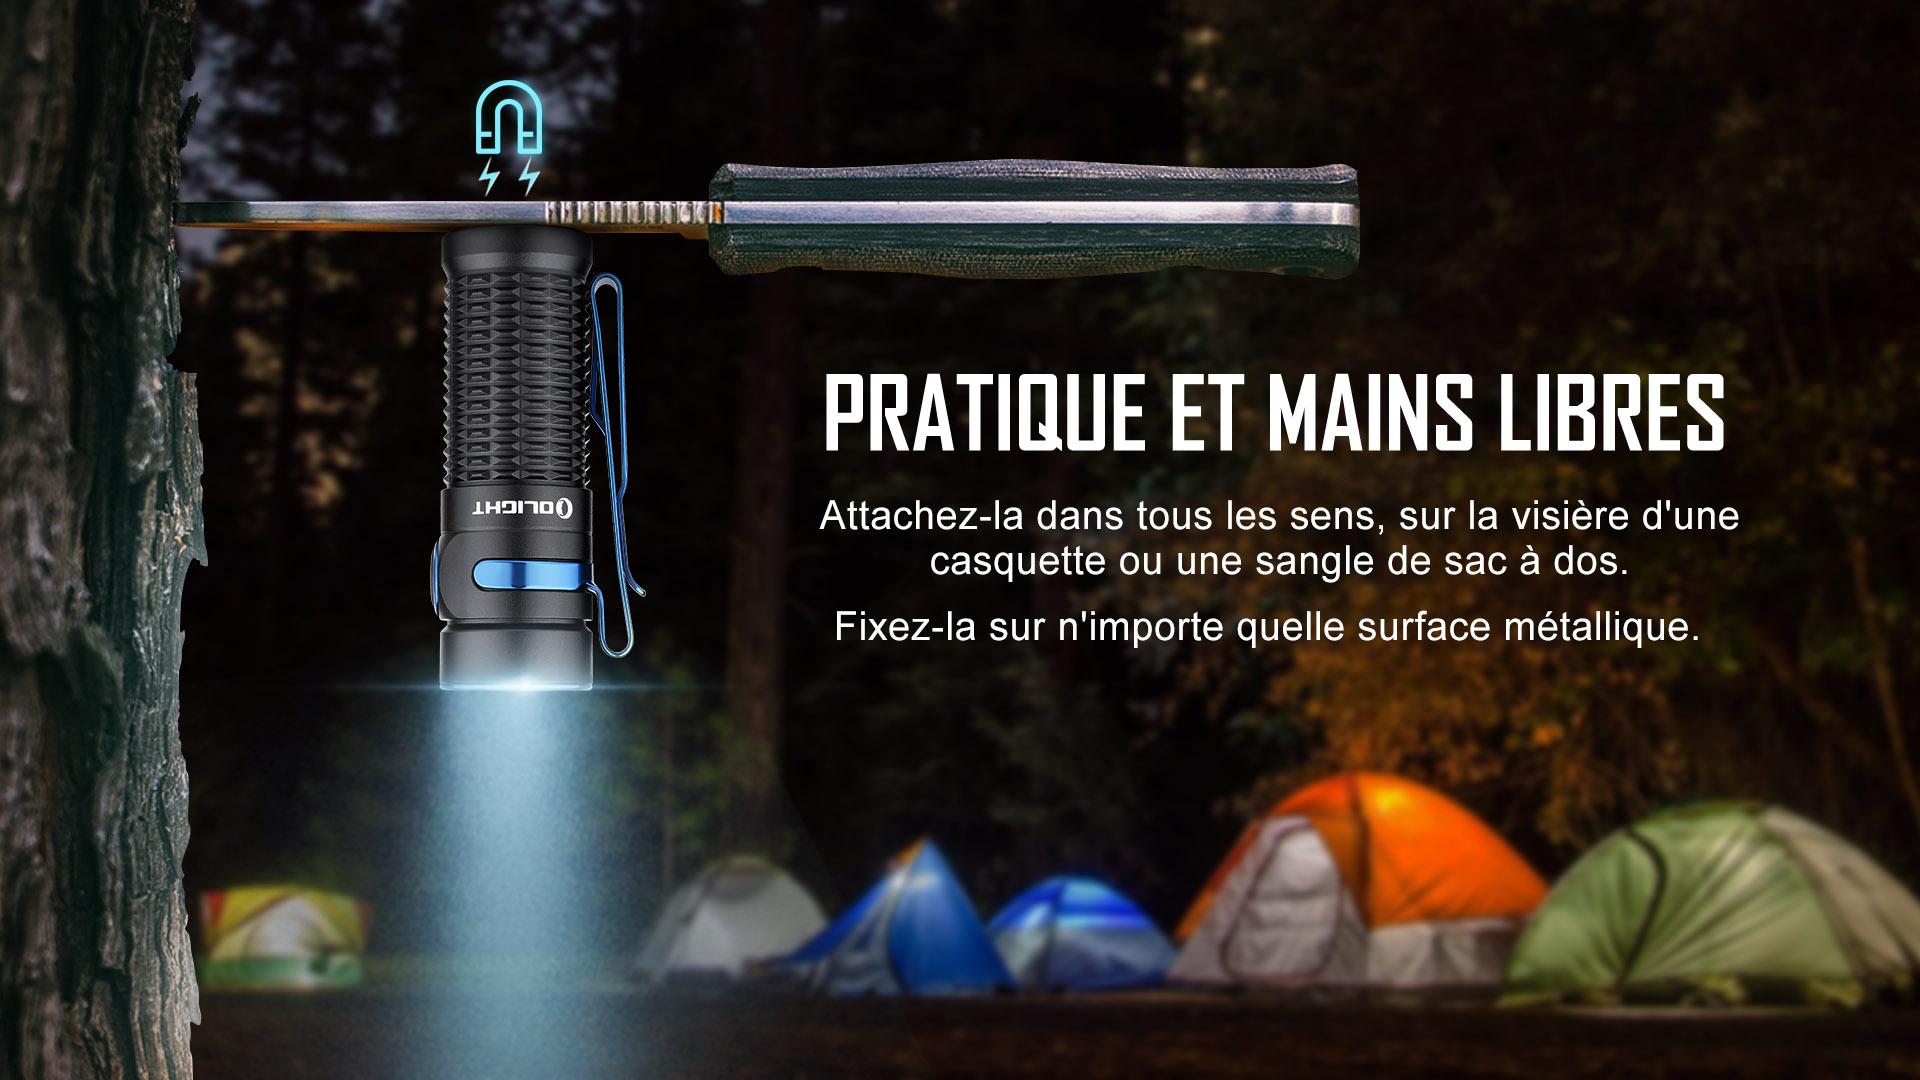 lampe de poche Baton 3 a une queue magnétique